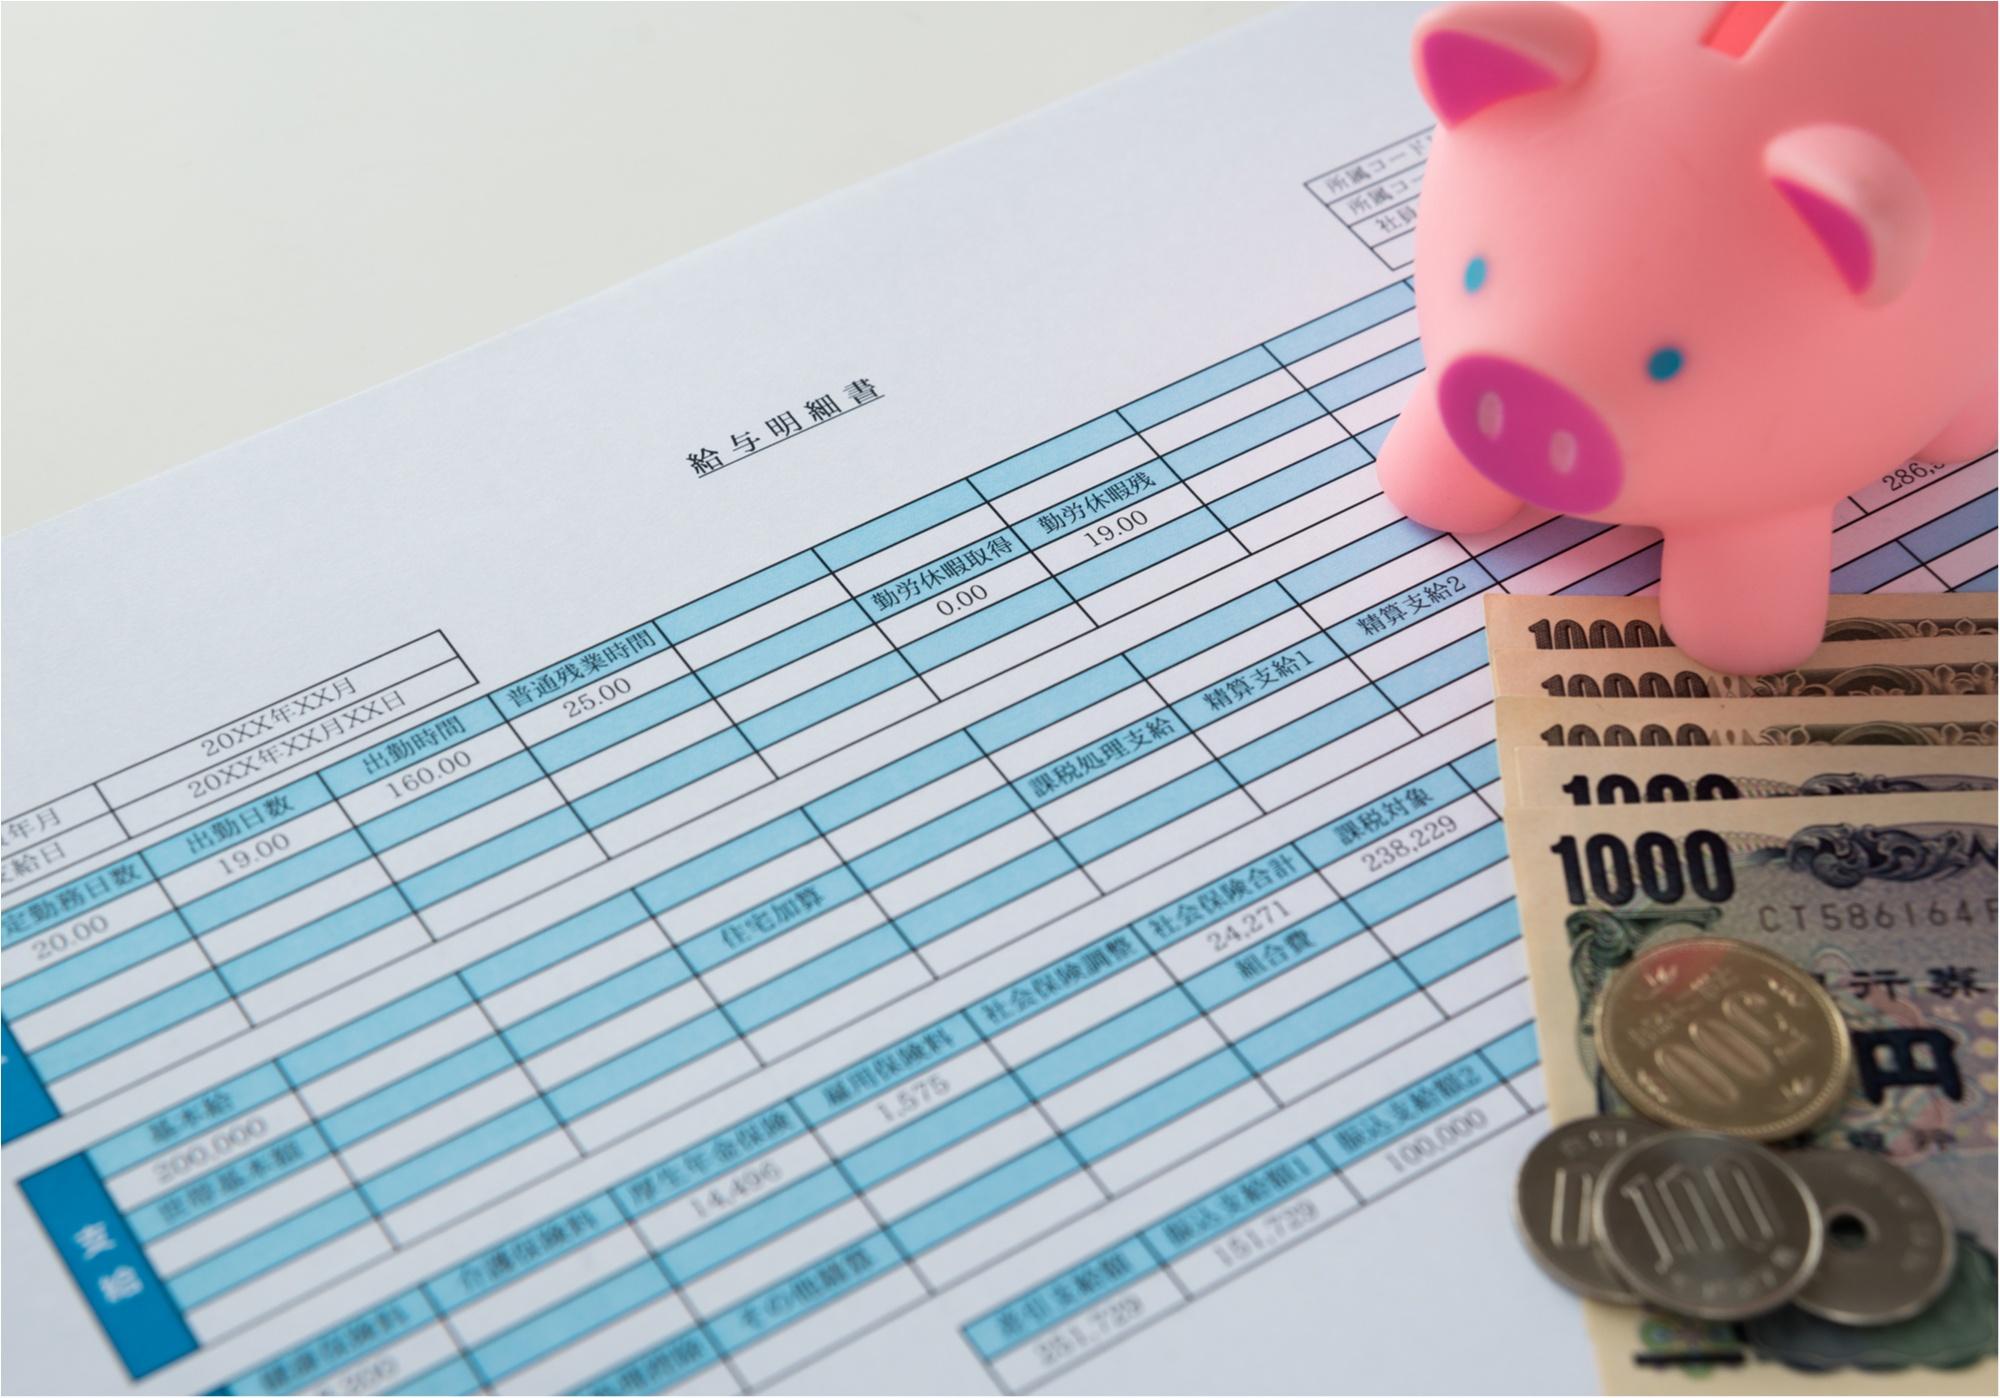 20代後半の年収事情 - 現在の年収は? 結婚や老後のための貯蓄はどれくらい必要?_25